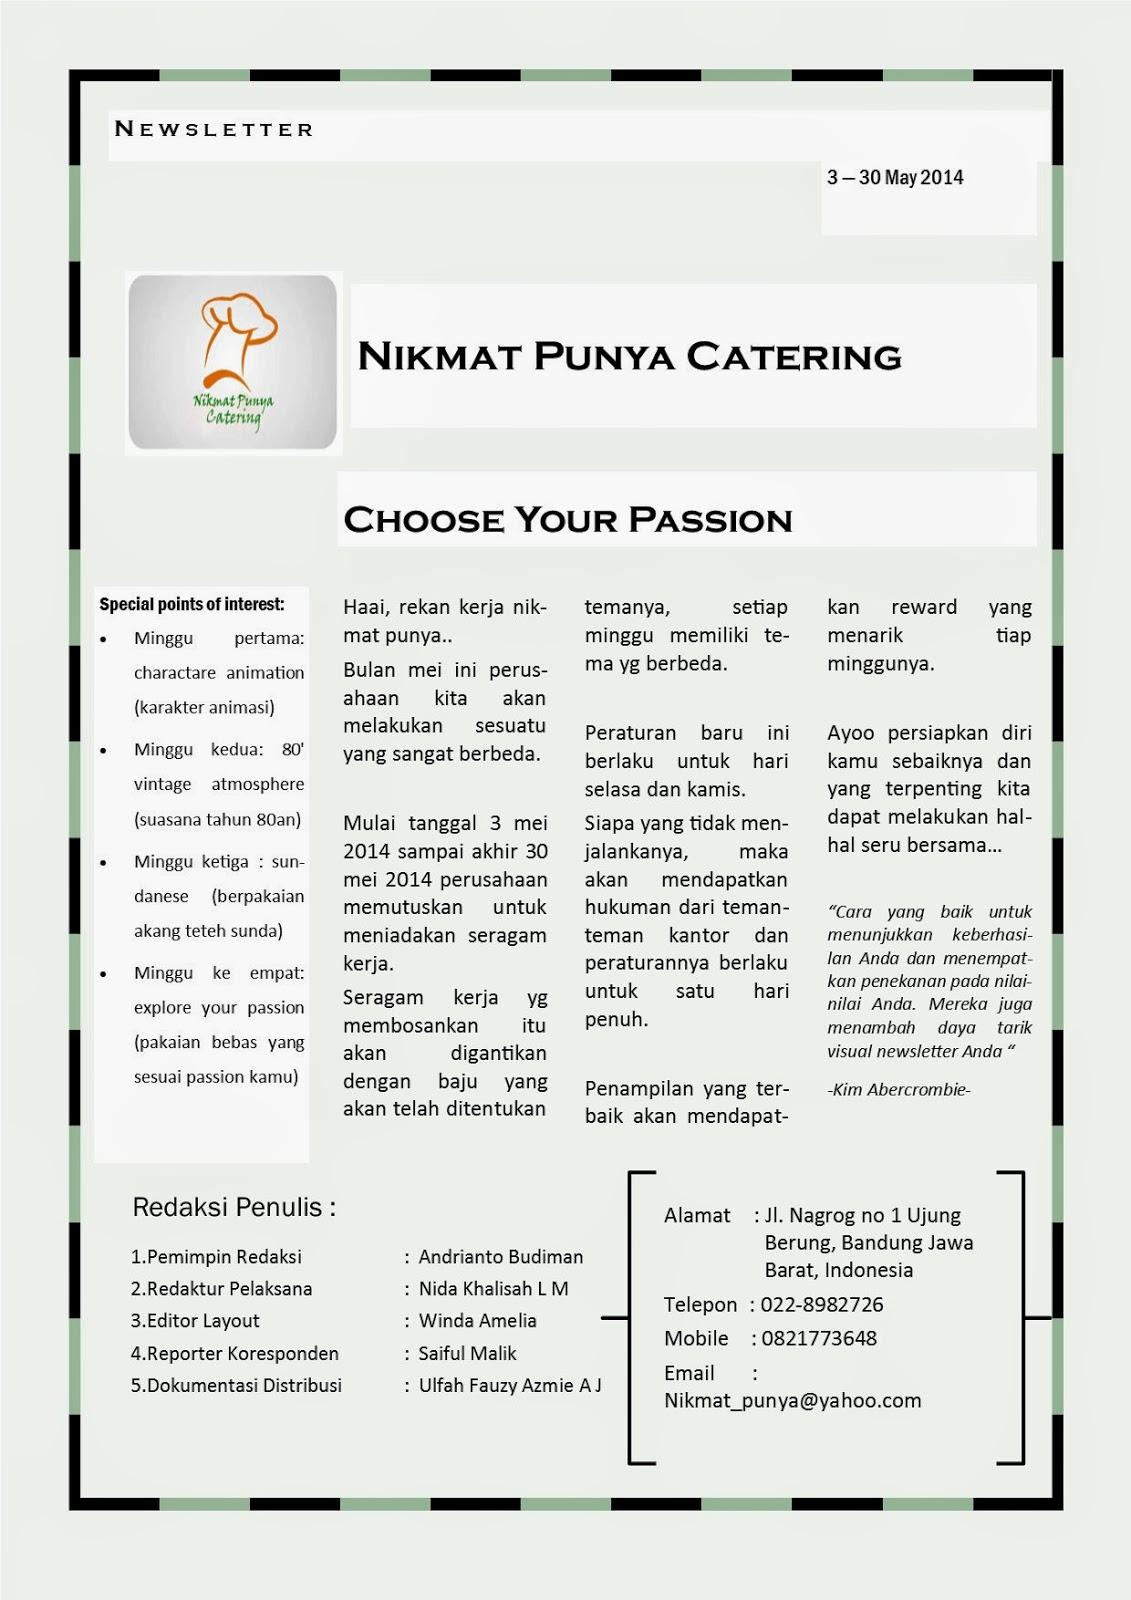 nikmat punya catering edisi newsletter cv nikmat punya catering